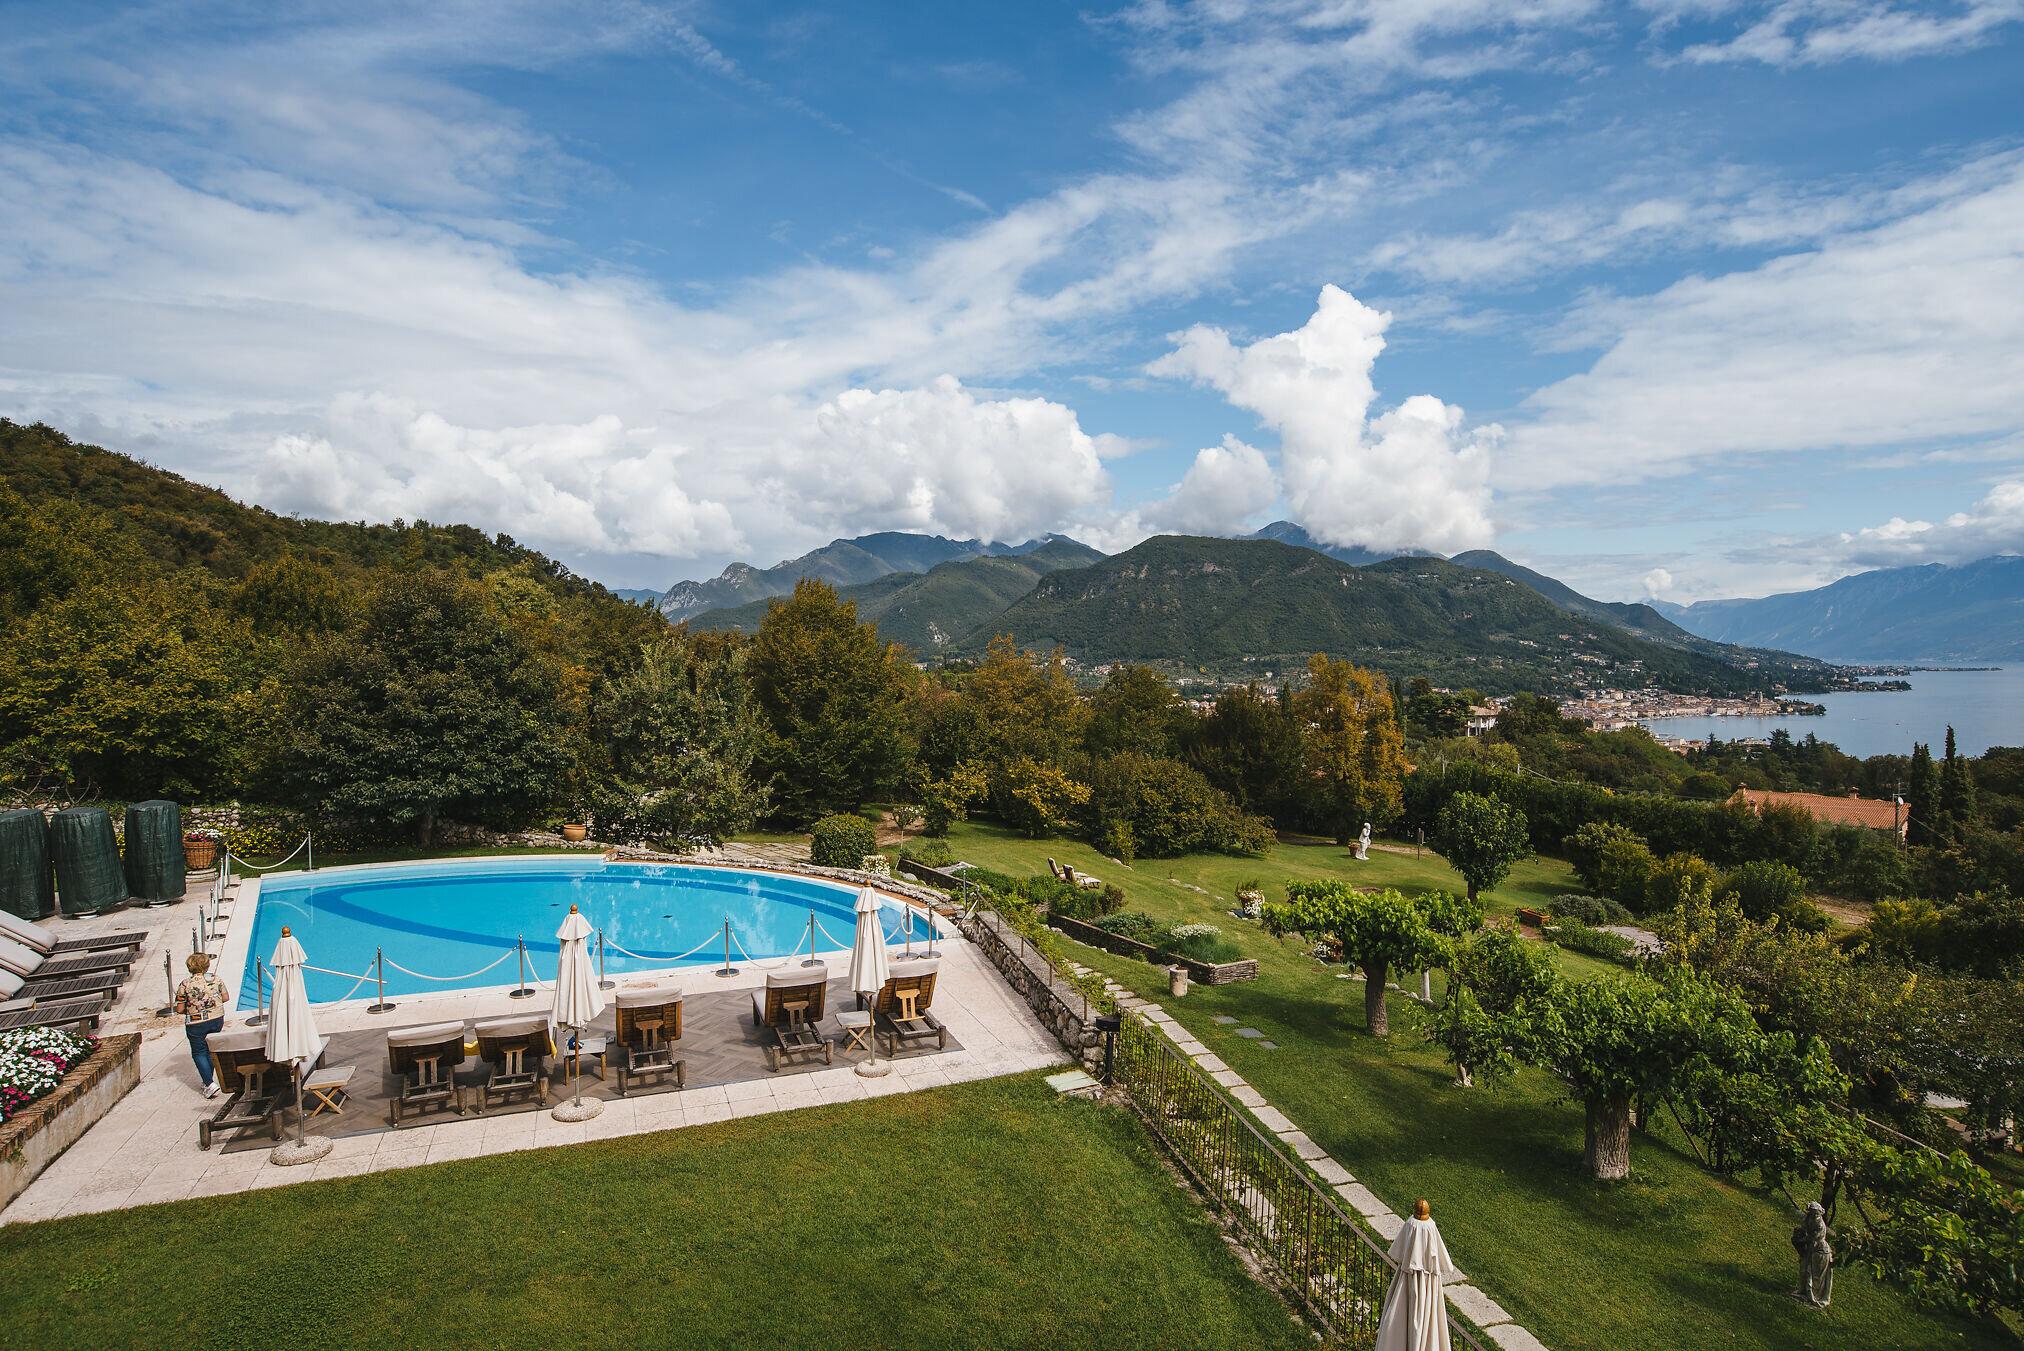 Wedding-Lake-Garda-Villa-Arcadio-2.jpg